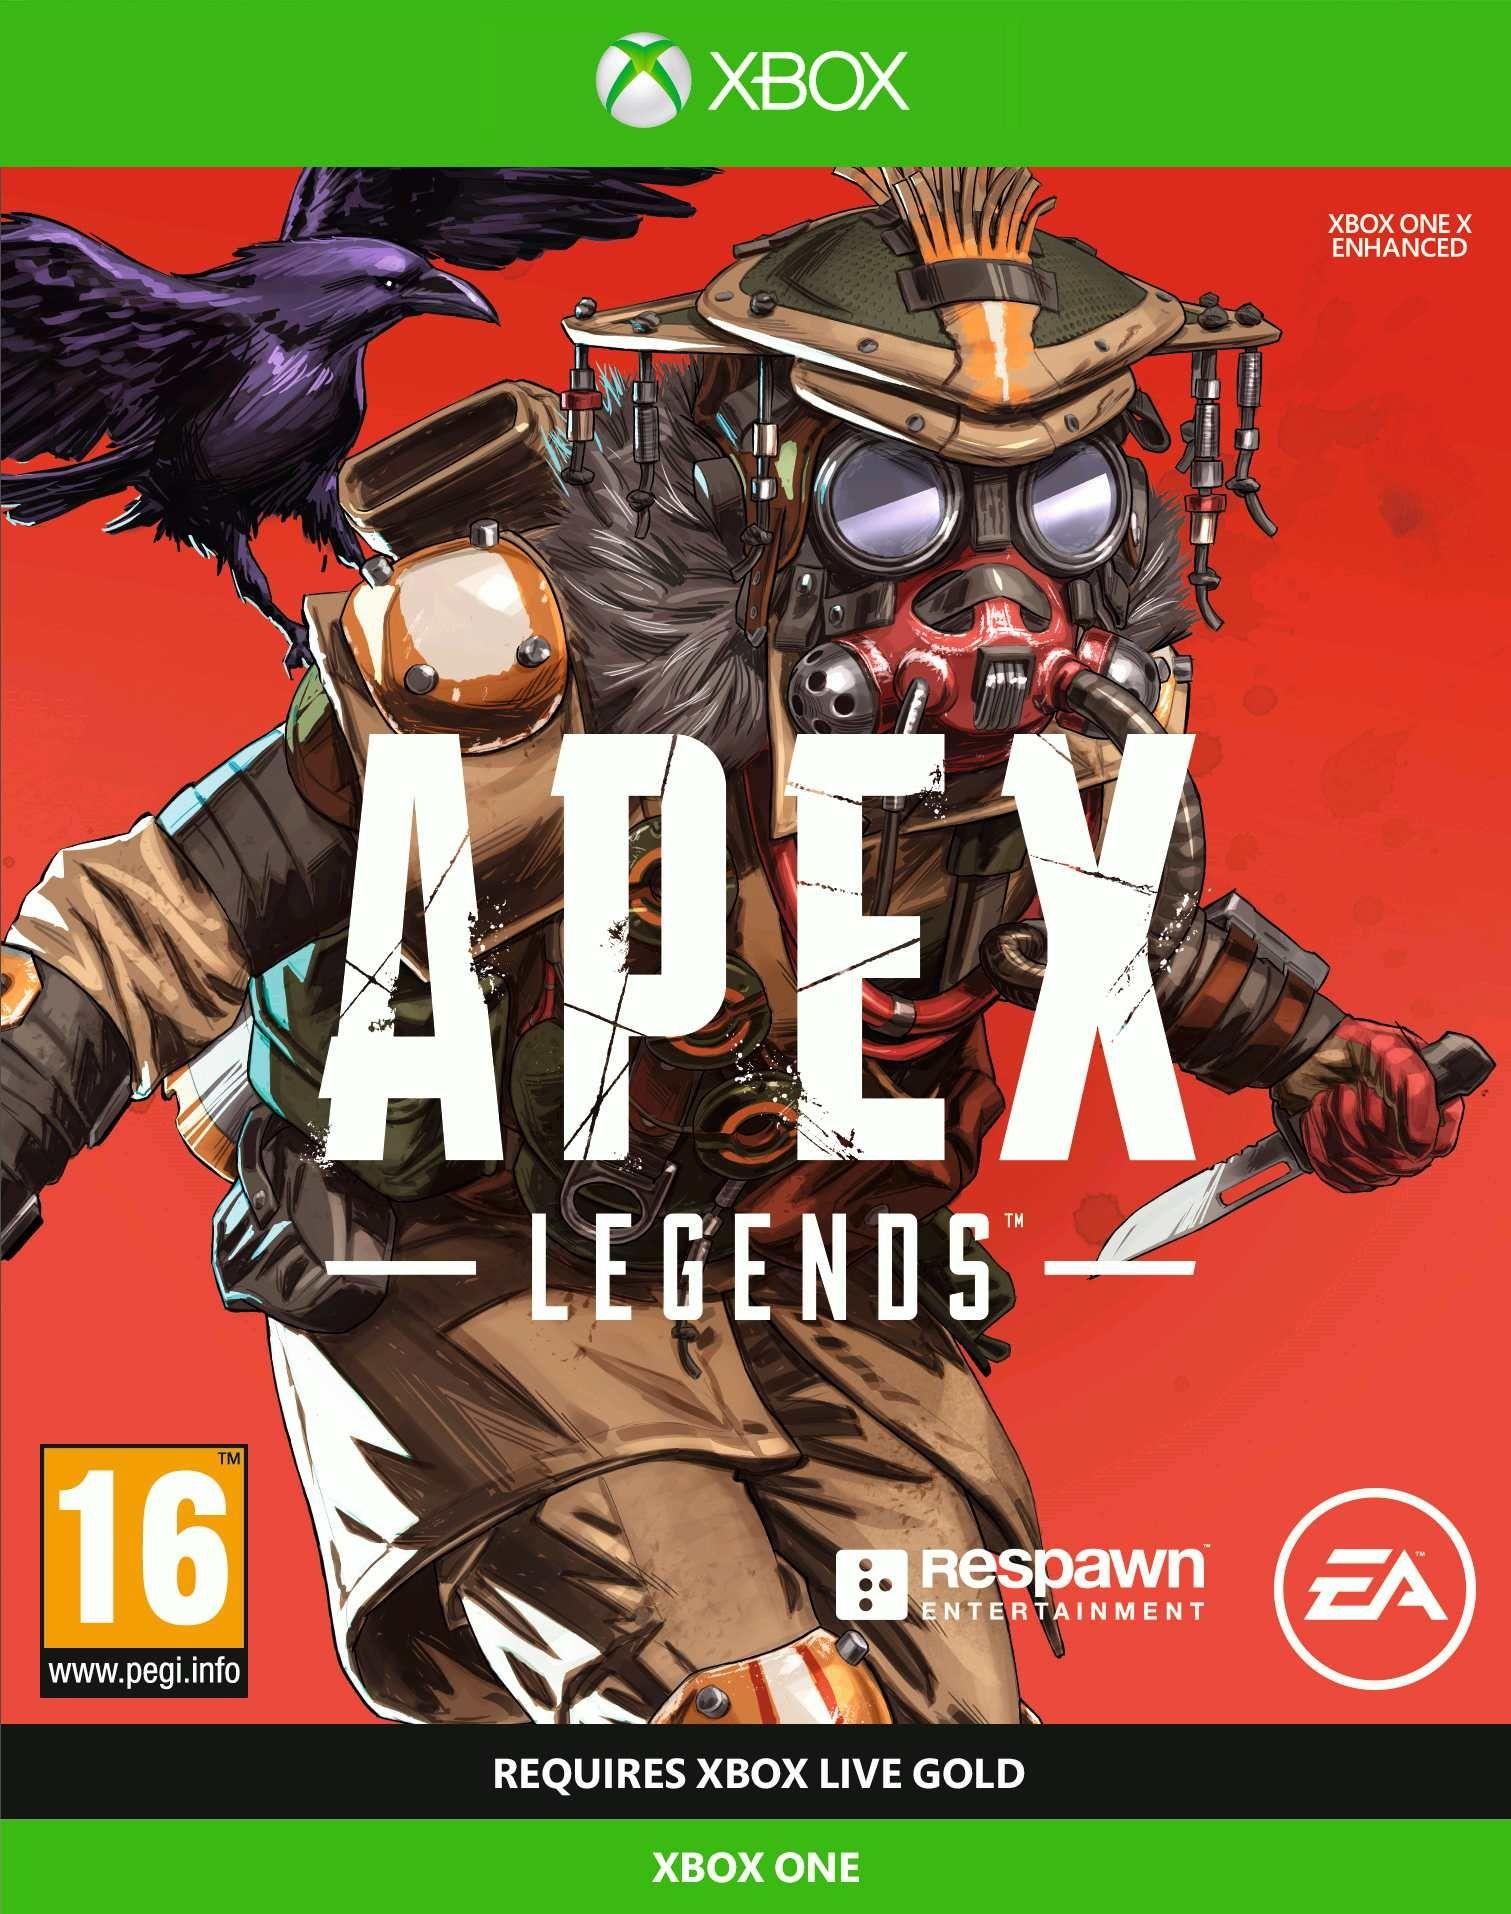 Apex Legends - Bloodhound (Xbox One) - 1